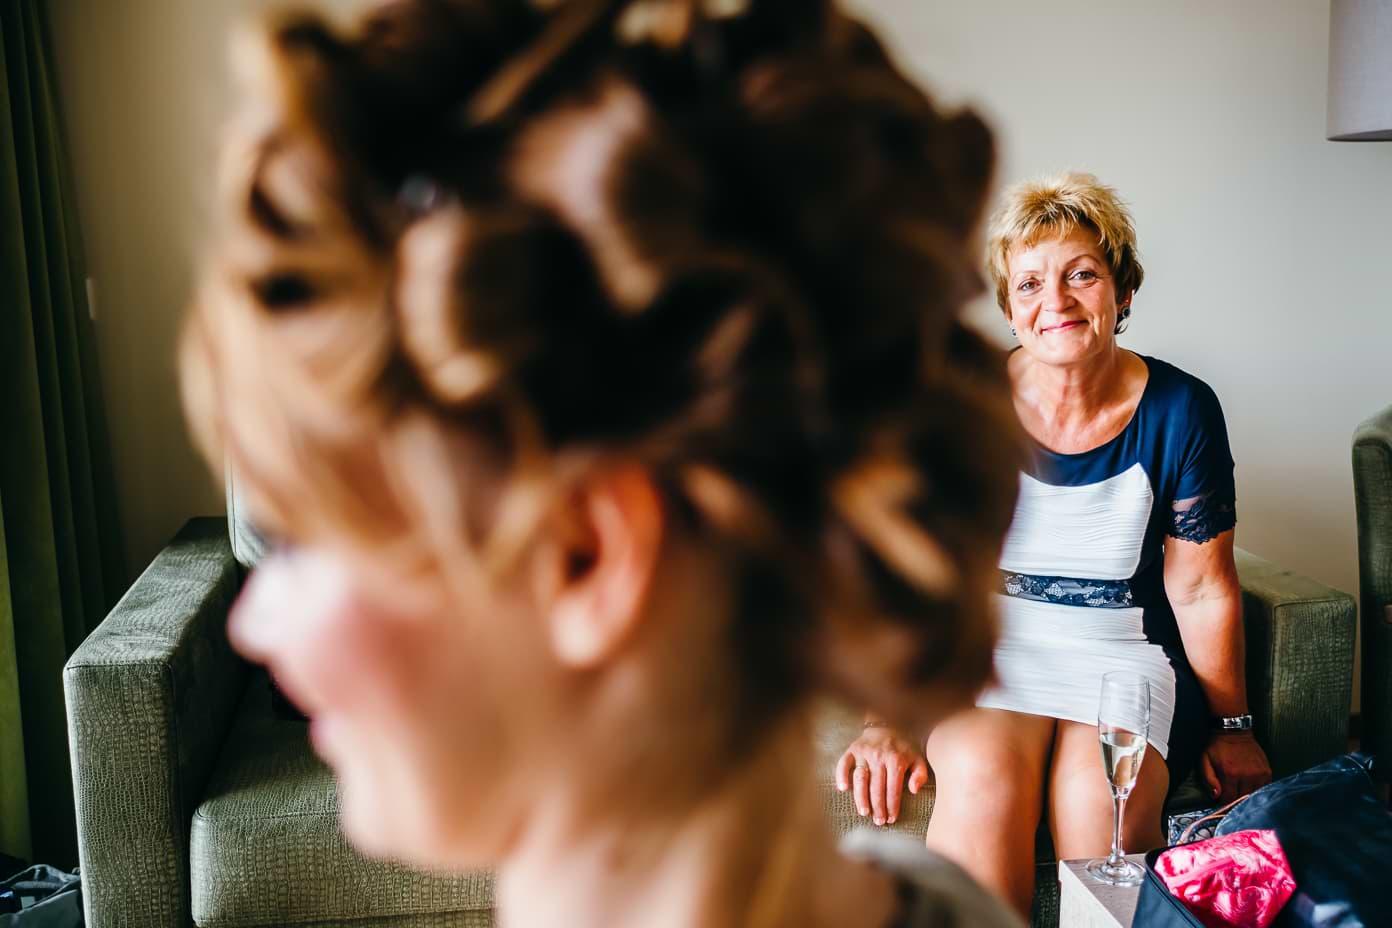 stolze Brautmutter betrachtet Braut